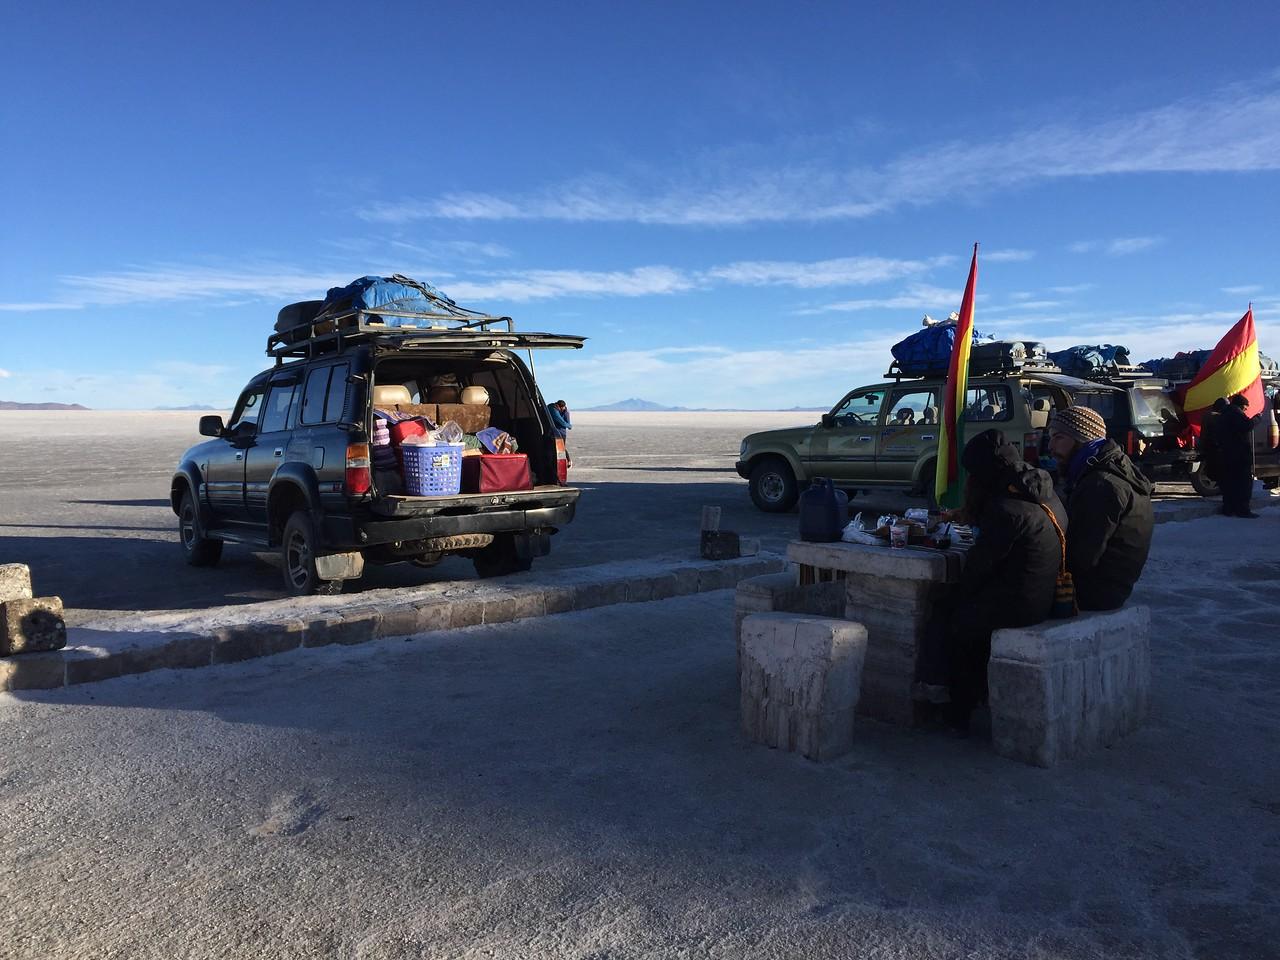 Breakfast on Salar de Uyuni, Bolivia